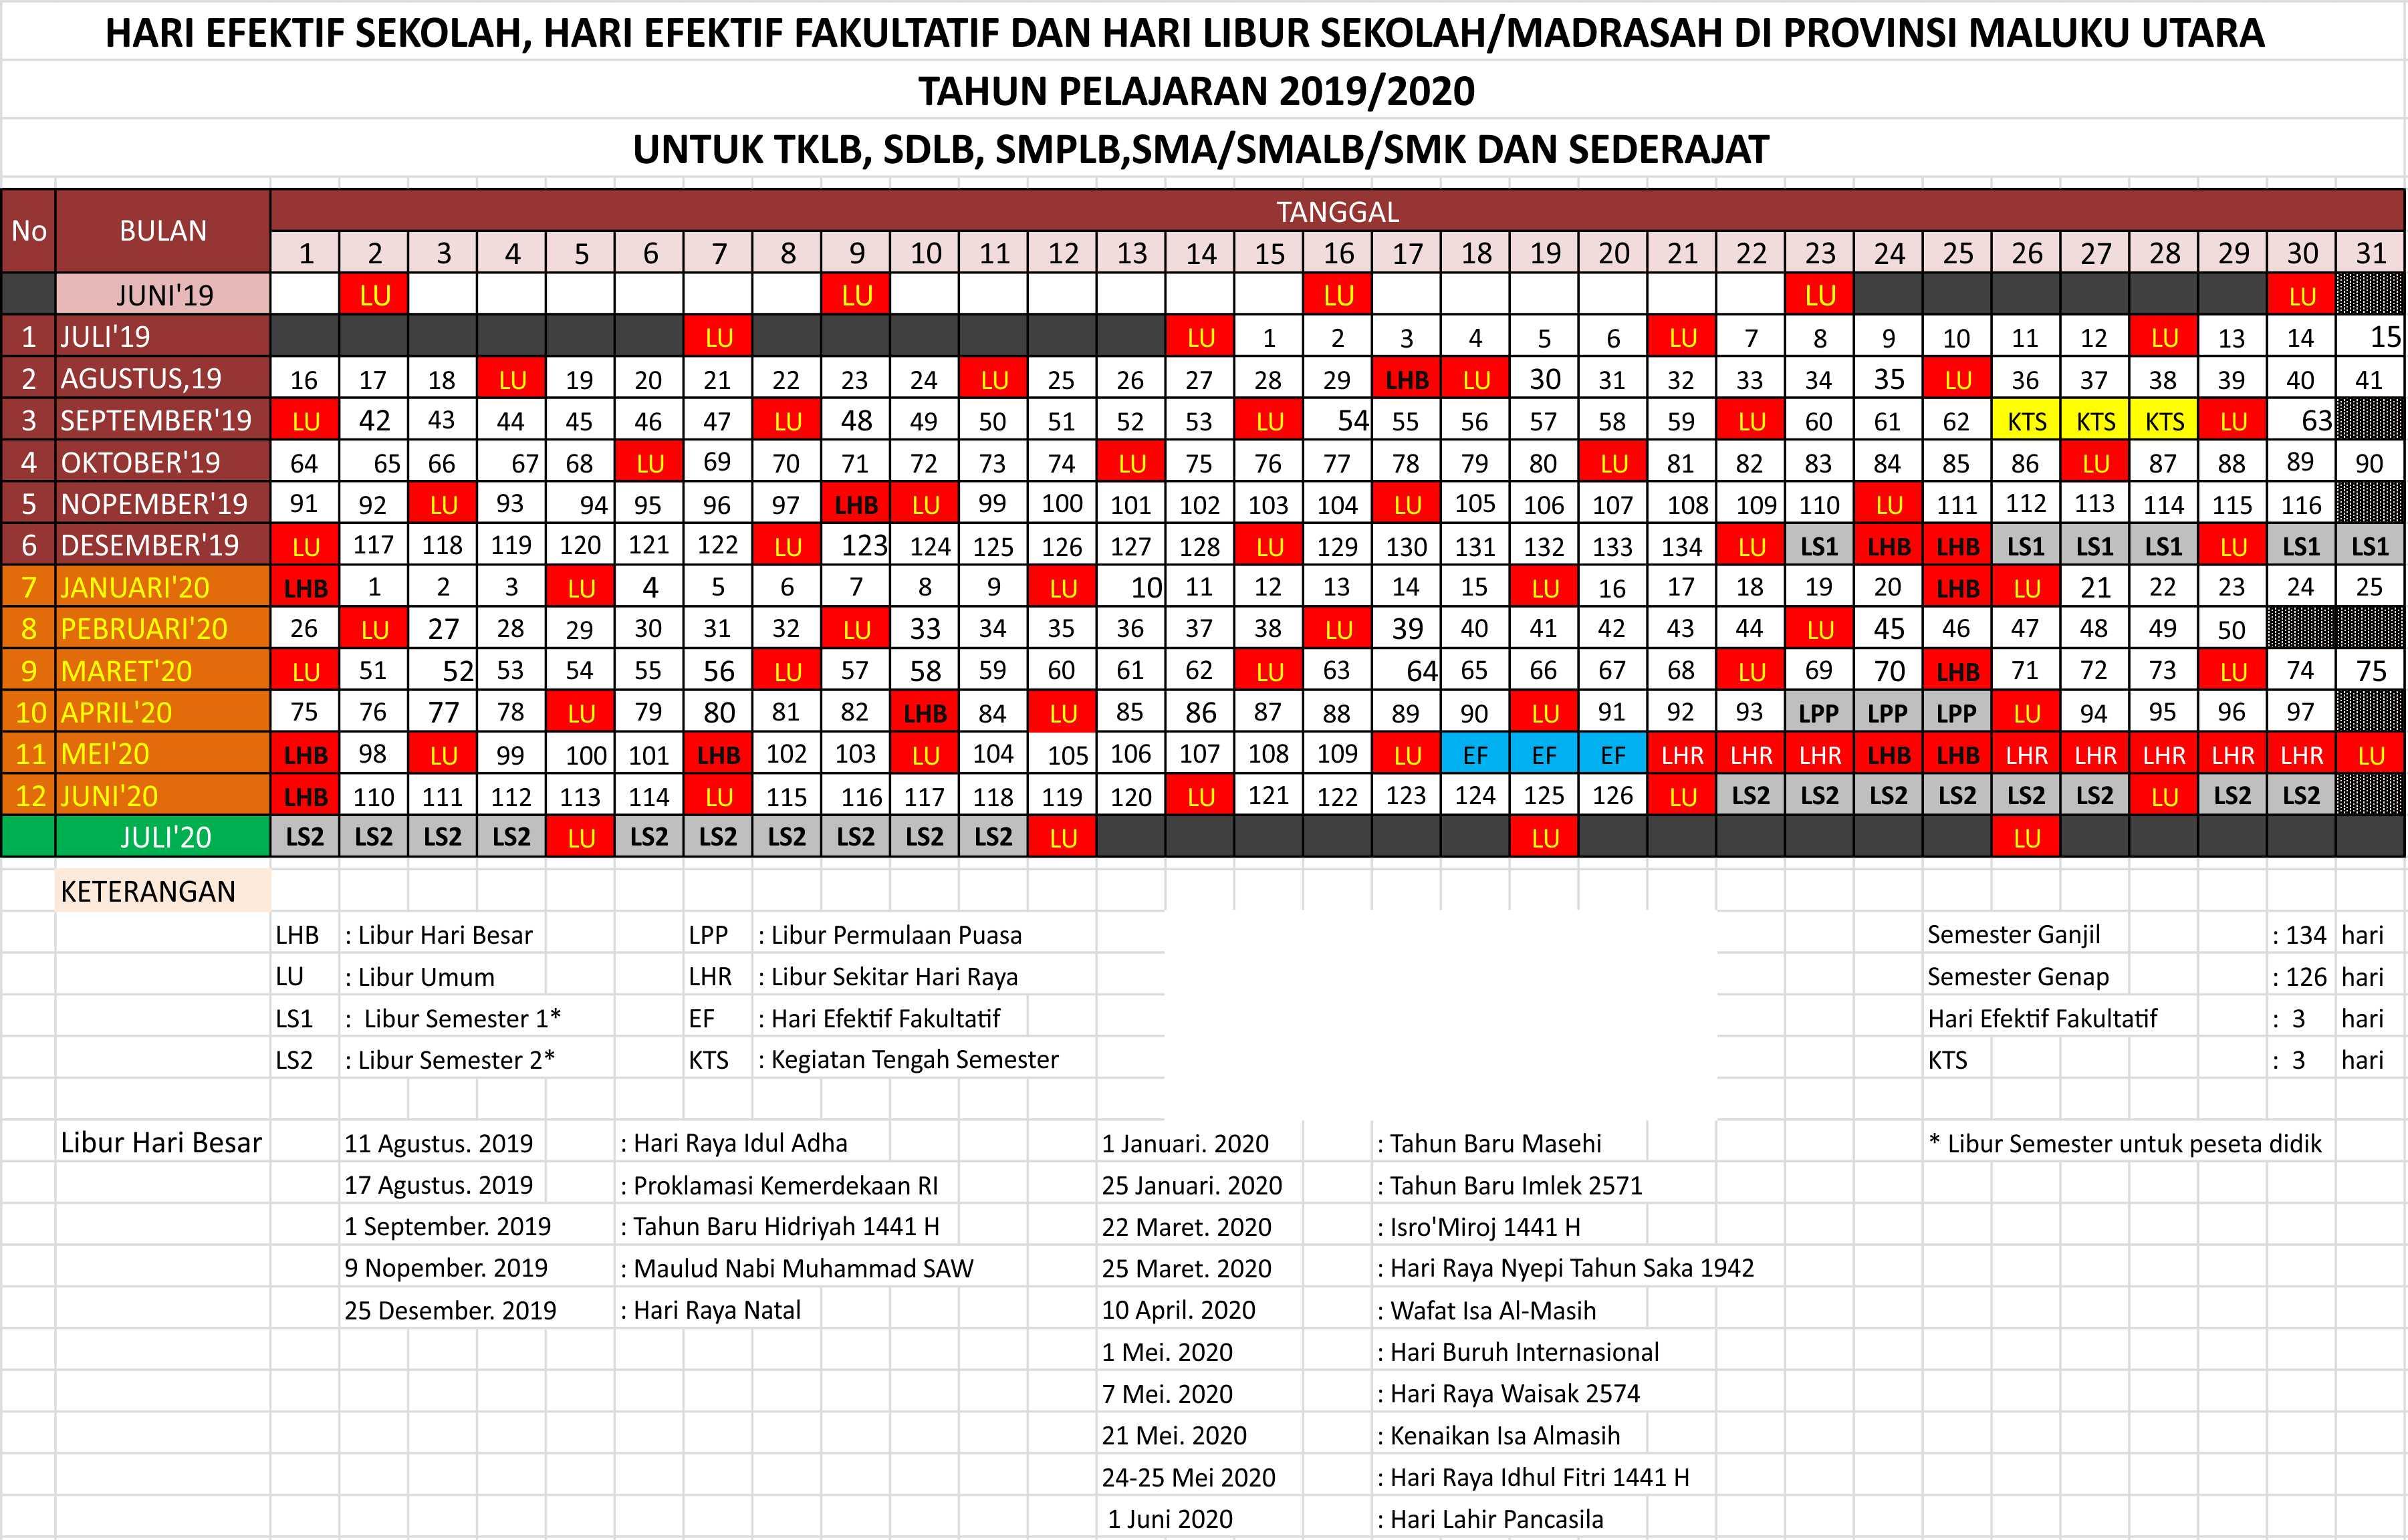 kalender pendidikan 2019 - 2020 maluku utara